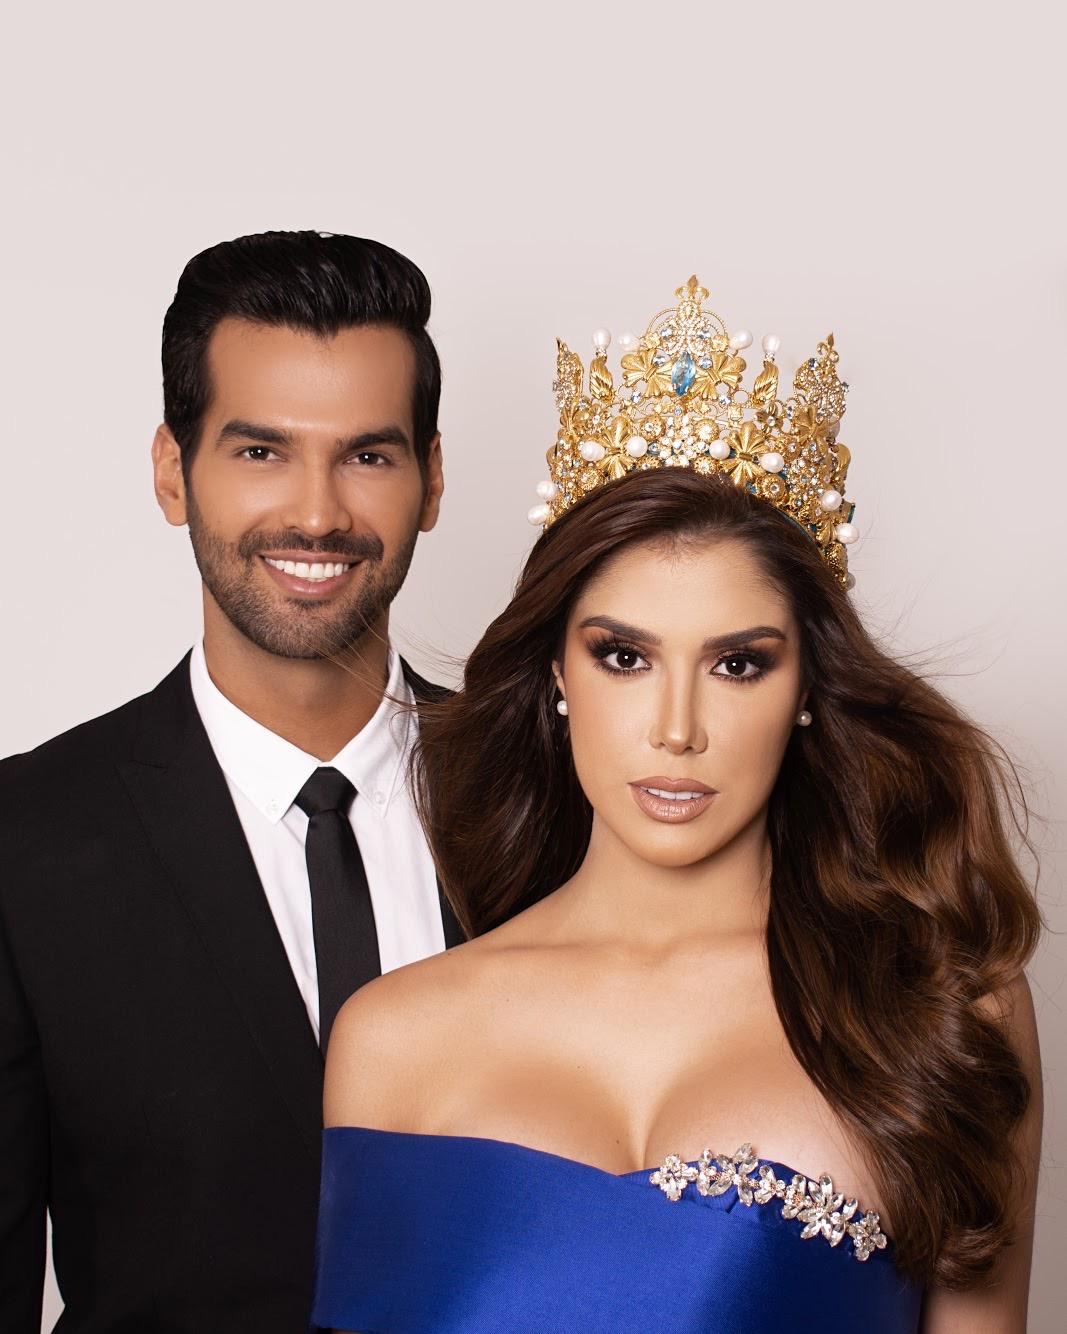 La Organización Miss y Mister Supranational Venezuela tiene todo listo para la edición 2021